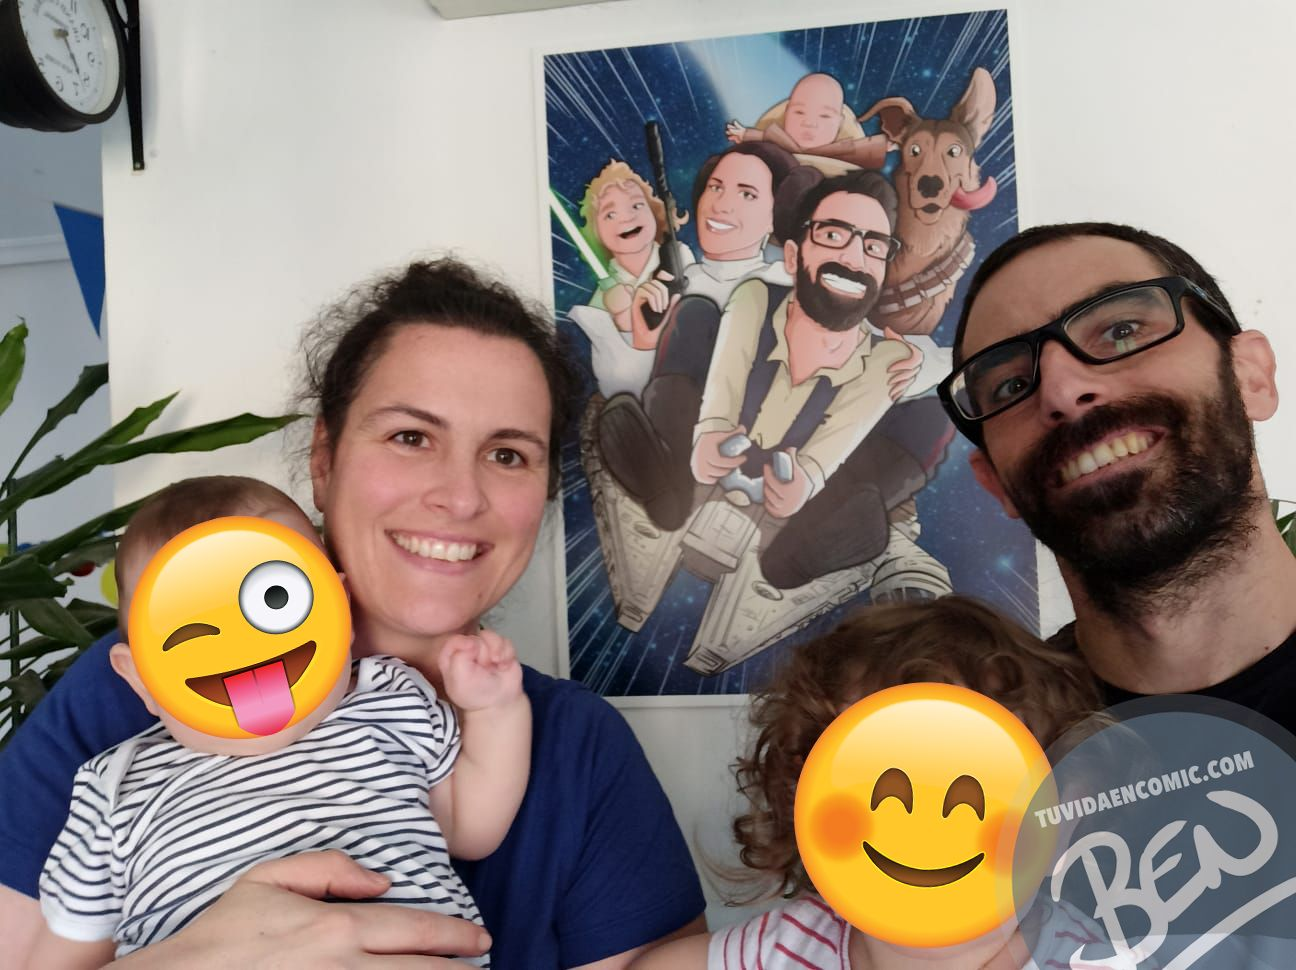 Caricatura Familia star wwars - tu vida en cómic - tuvidaencomic.com - Borja_Ben_ART - Regalo - ilustración _ Testimonio5